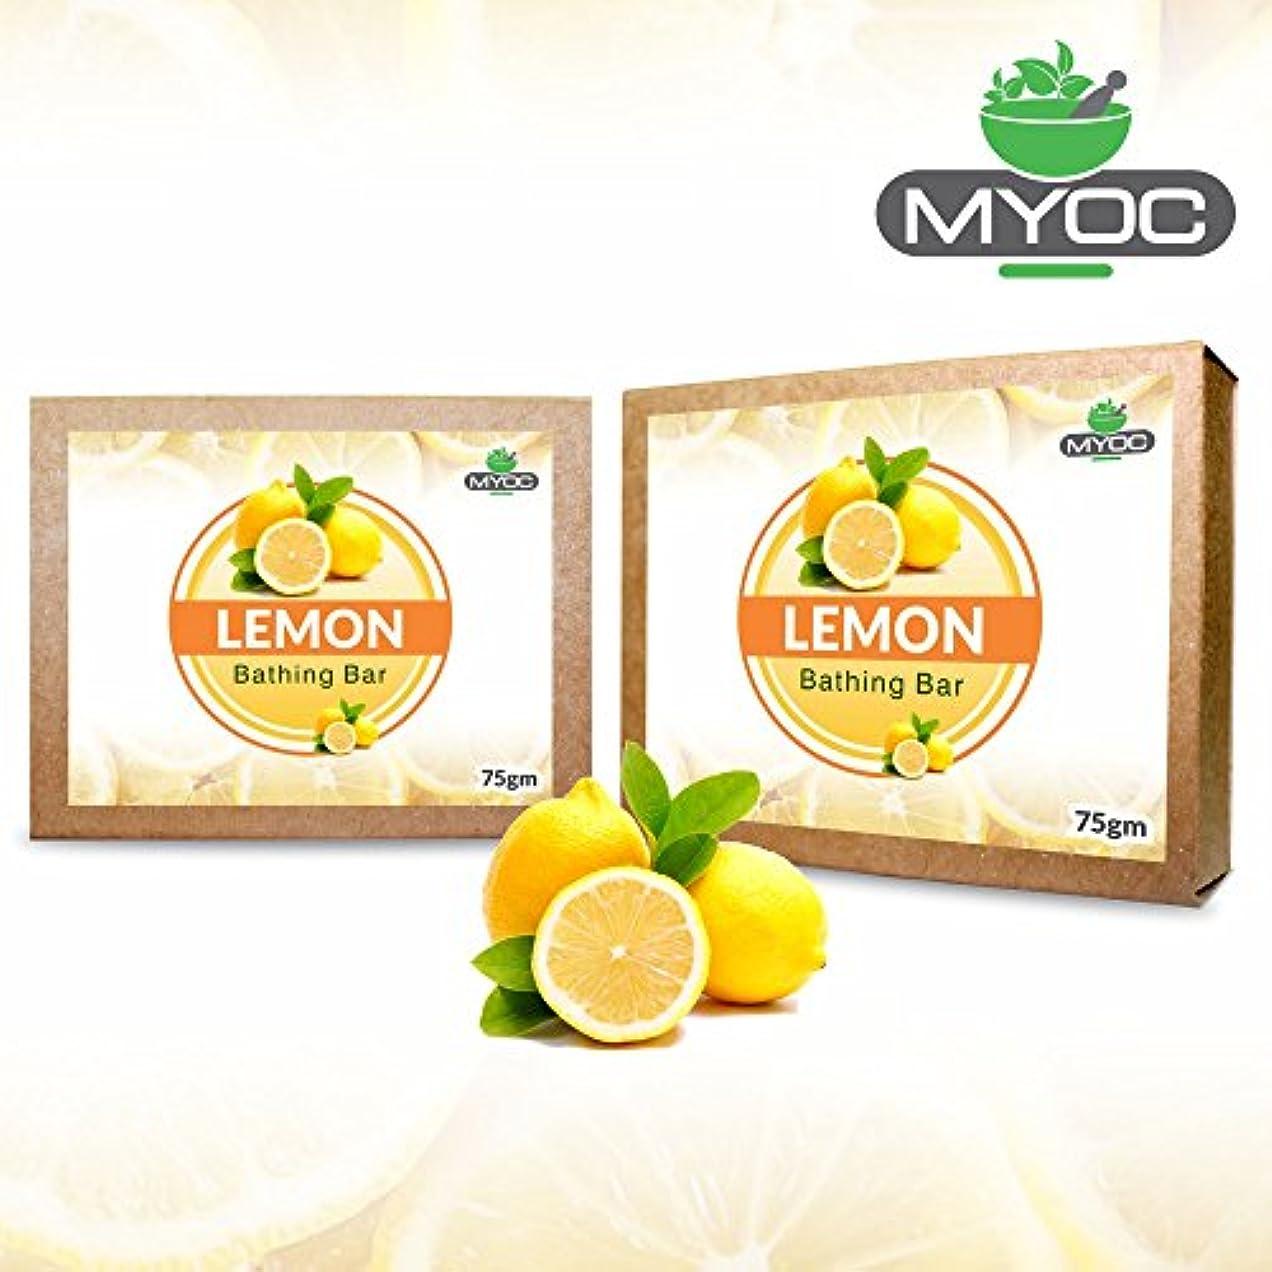 放散するゆるくアンケートLemon Oil And Vitamin E Astringent Soap, deodorant, antiseptic soap for clogged pores and acne prone skin 75g...